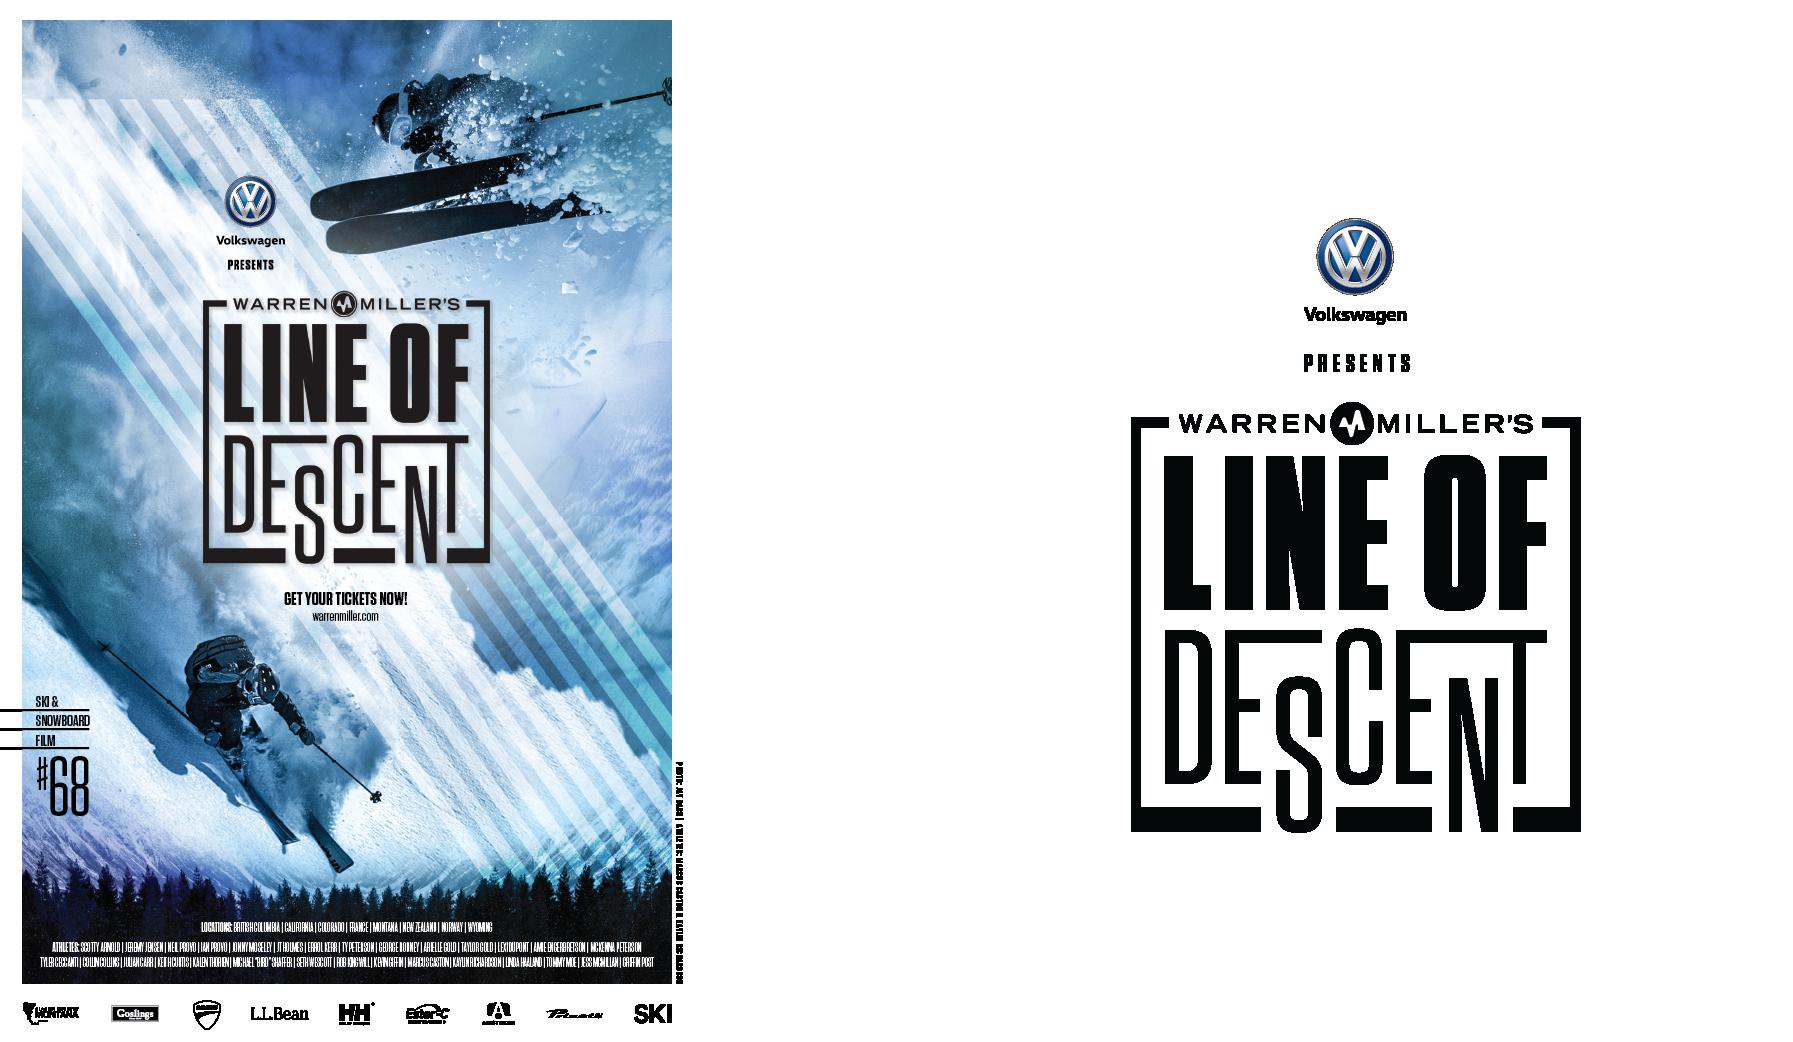 Warren Miller's Line of Descent Poster